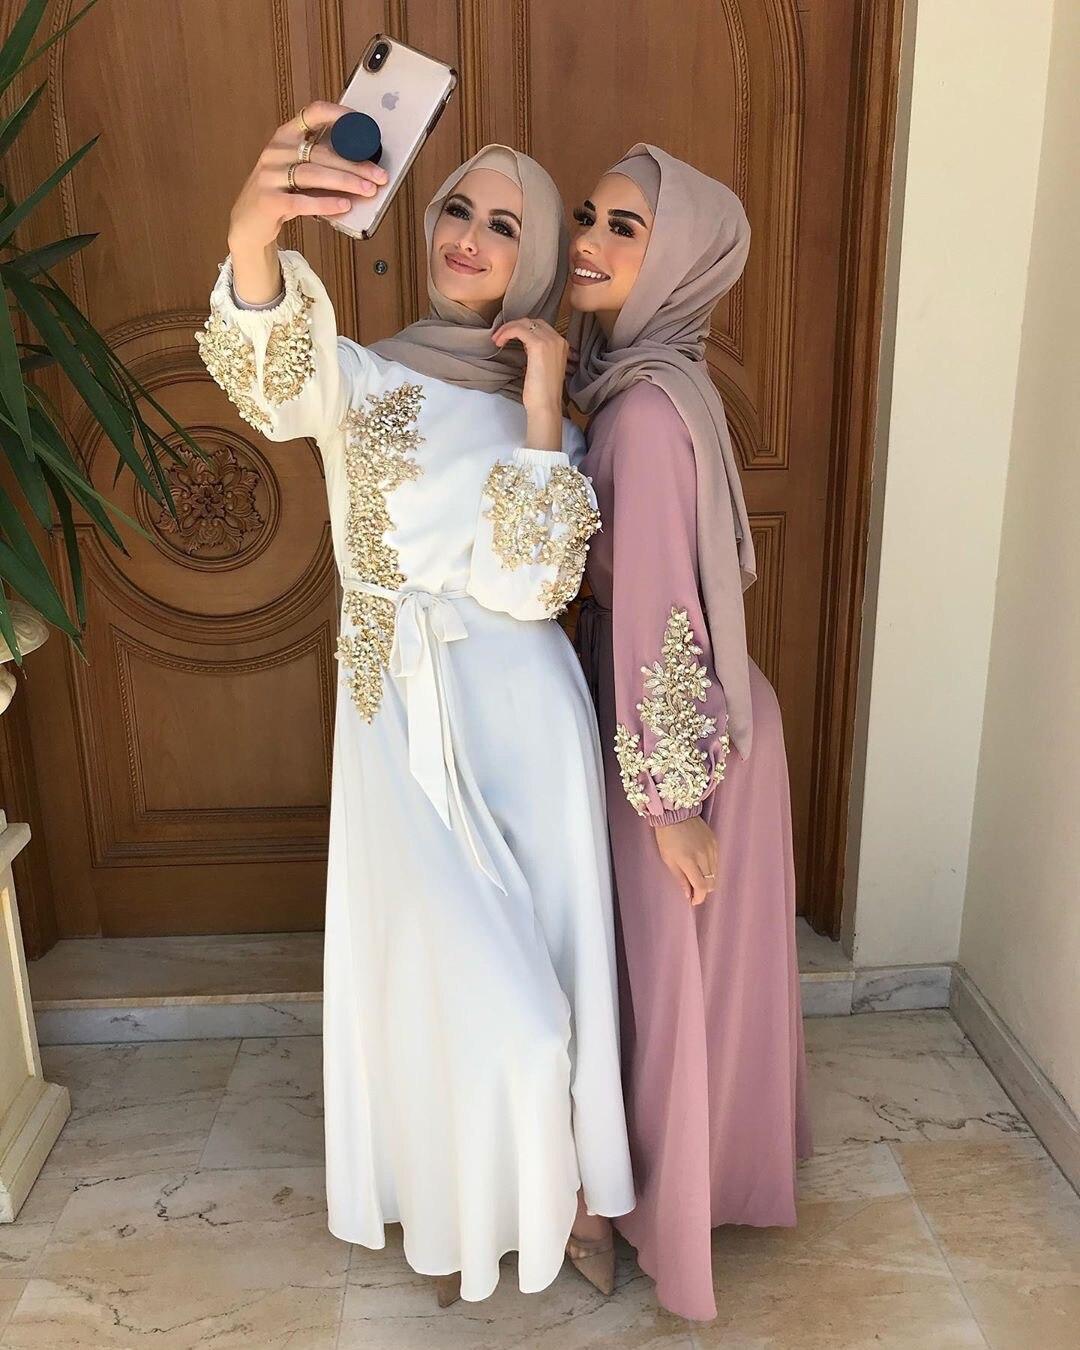 رمضان قفطان فاخر عباية دبي تركيا نساء مسلمات الحجاب فستان إسلام قفطان ماروكين فساتين عيد مبارك رداء الجلابة فام